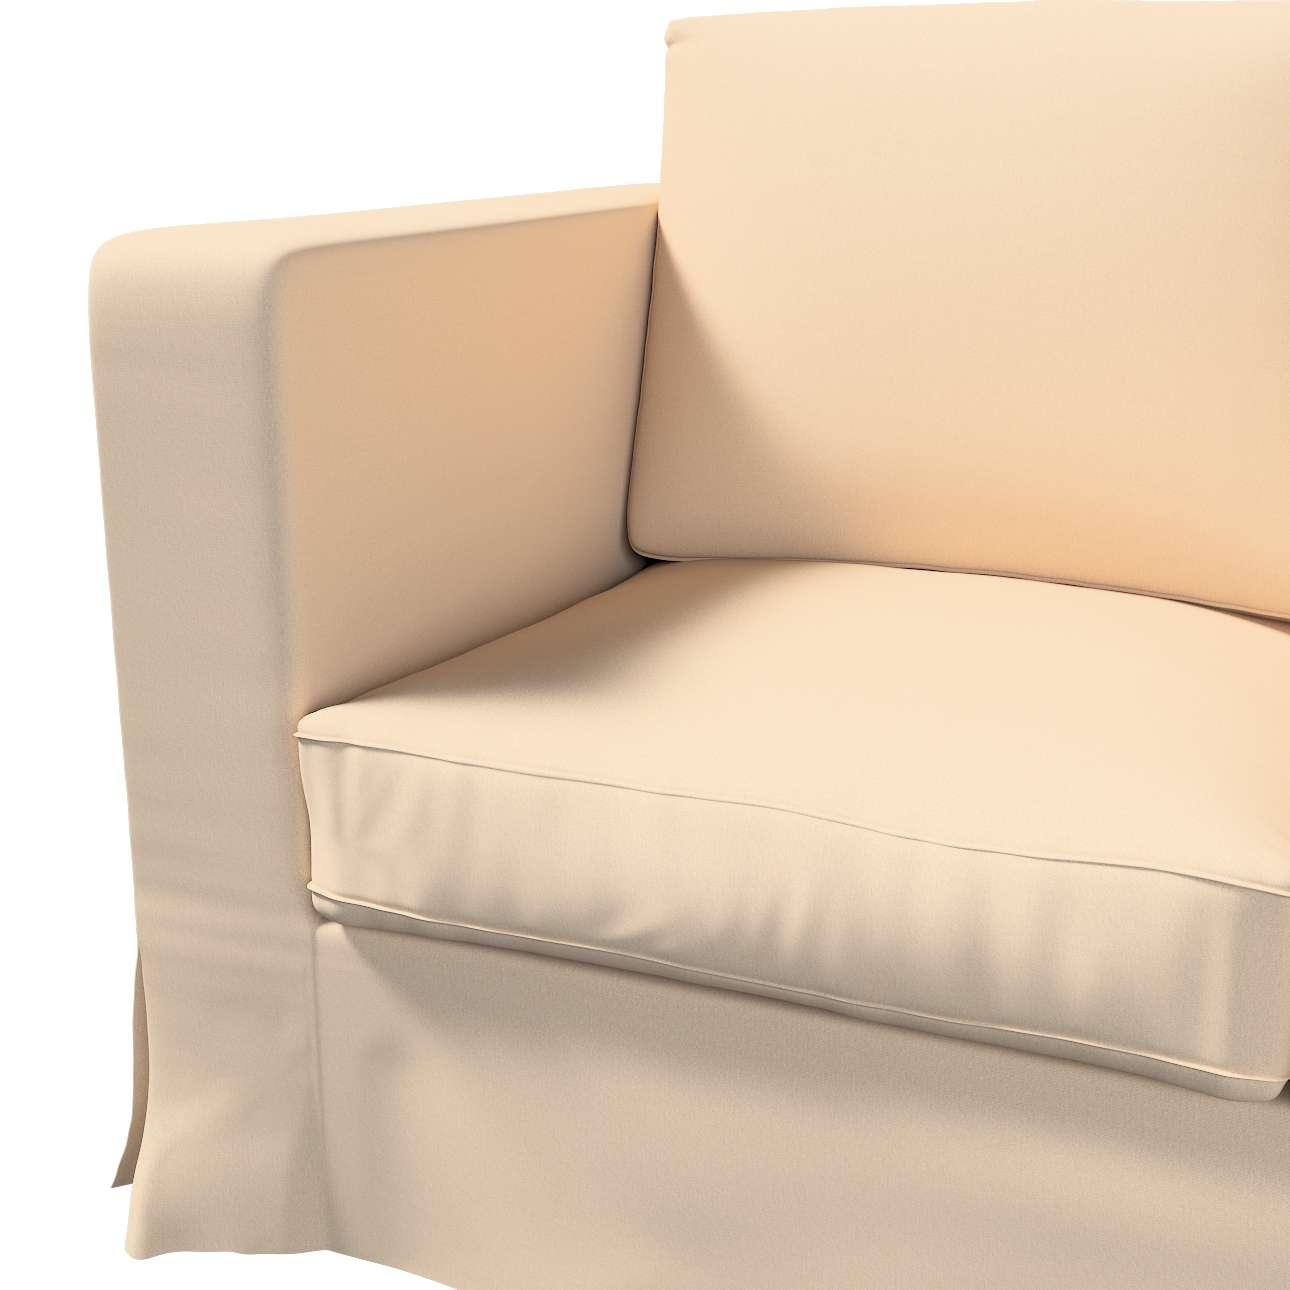 Bezug für Karlanda 3-Sitzer Sofa nicht ausklappbar, lang von der Kollektion Living, Stoff: 160-61